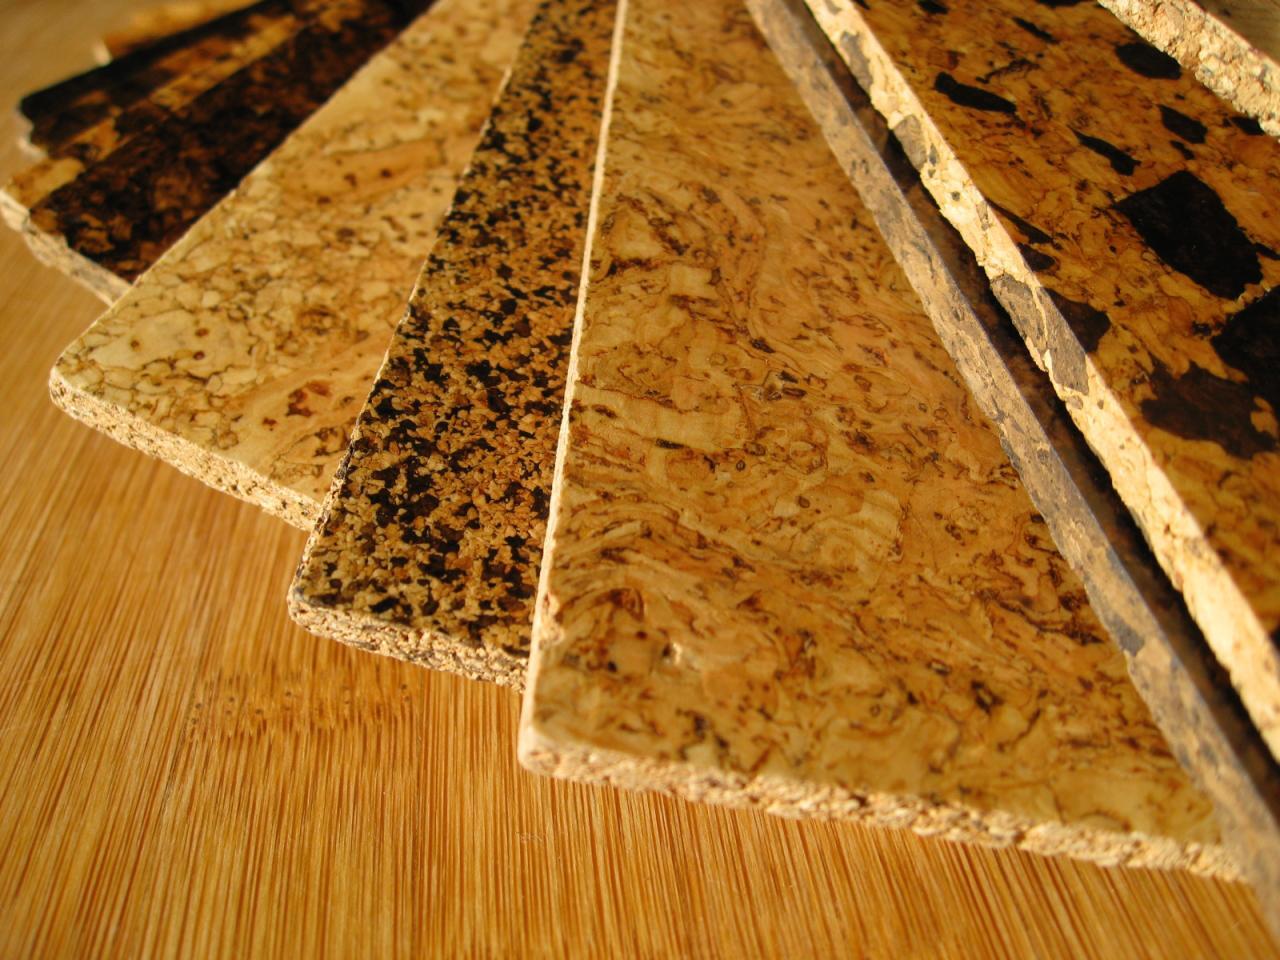 iStock-12104050_cork-flooring_s4x3.jpg.rend.hgtvcom.1280.960